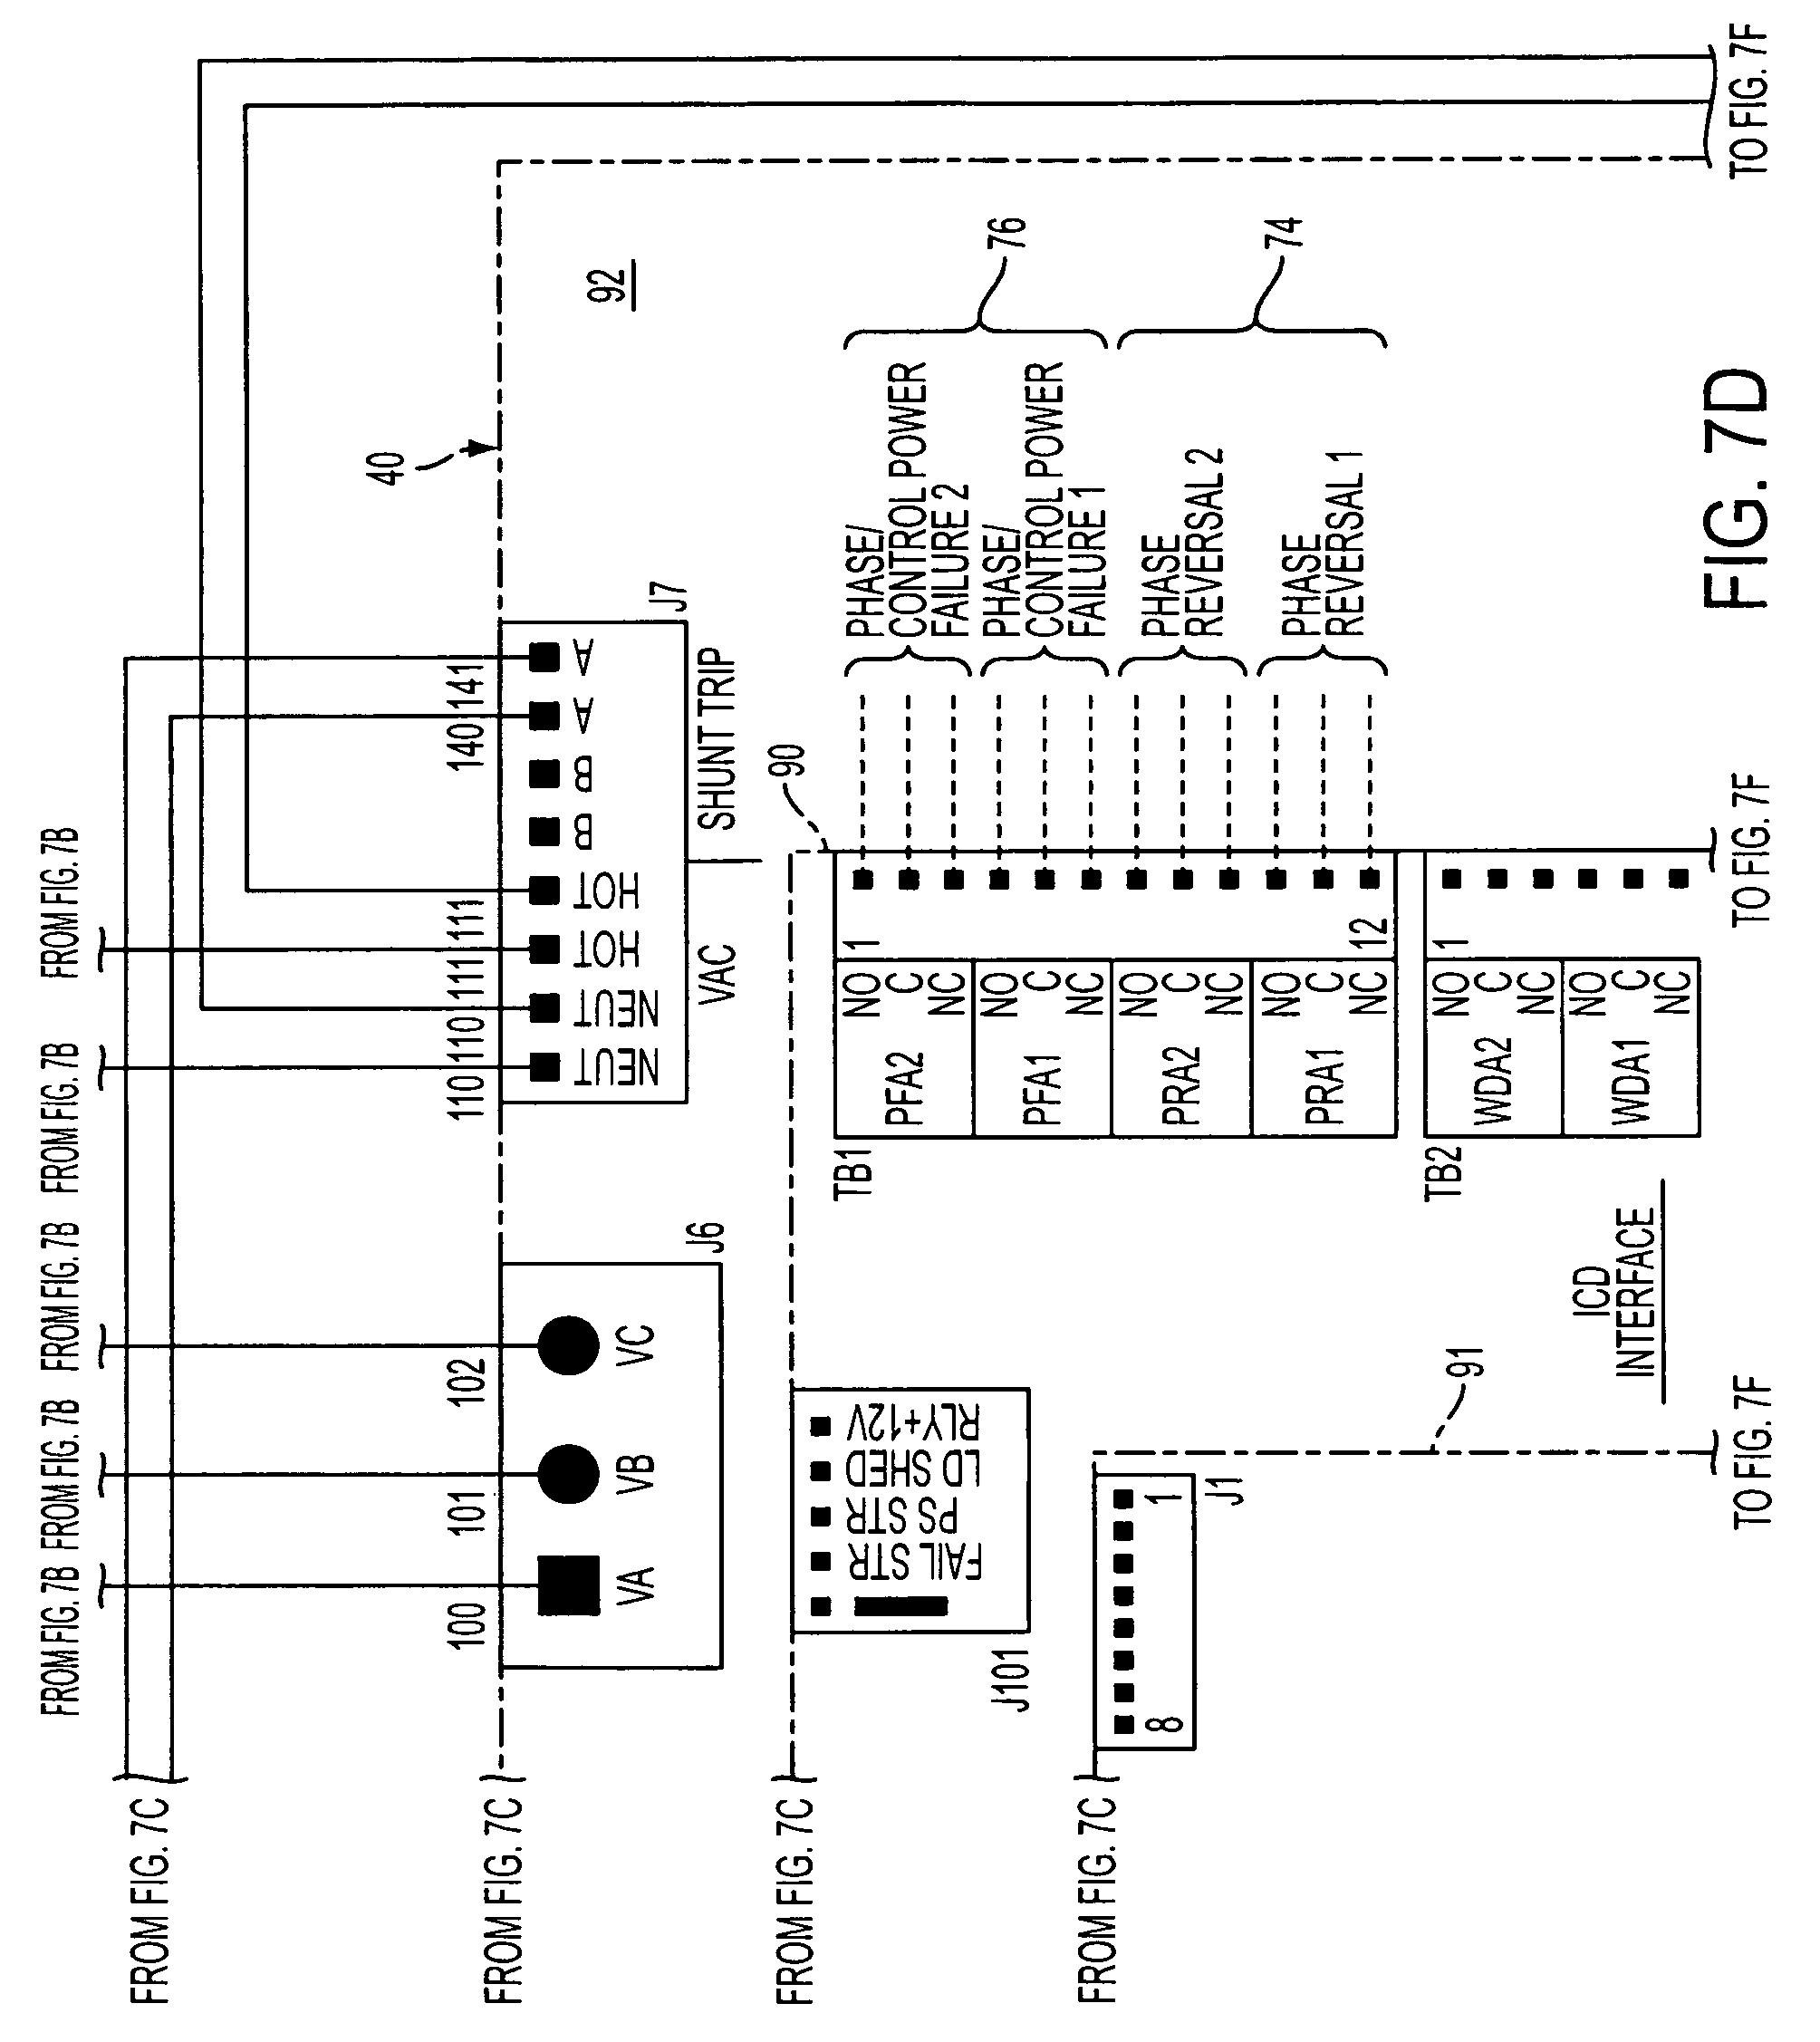 Adt Phone Wiring Diagram | Wiring Schematic Diagram on